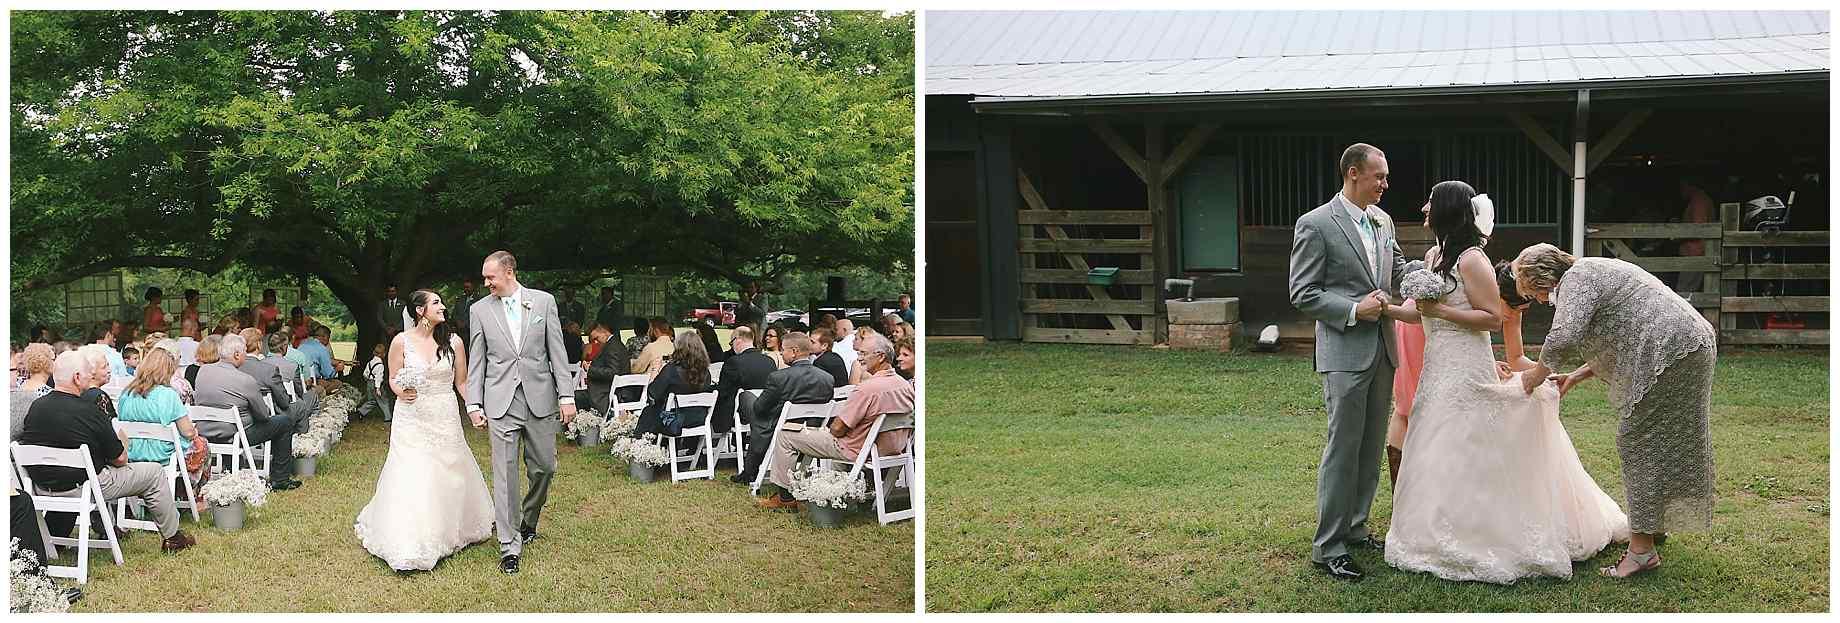 teaberry-farm-wedding-photos-17